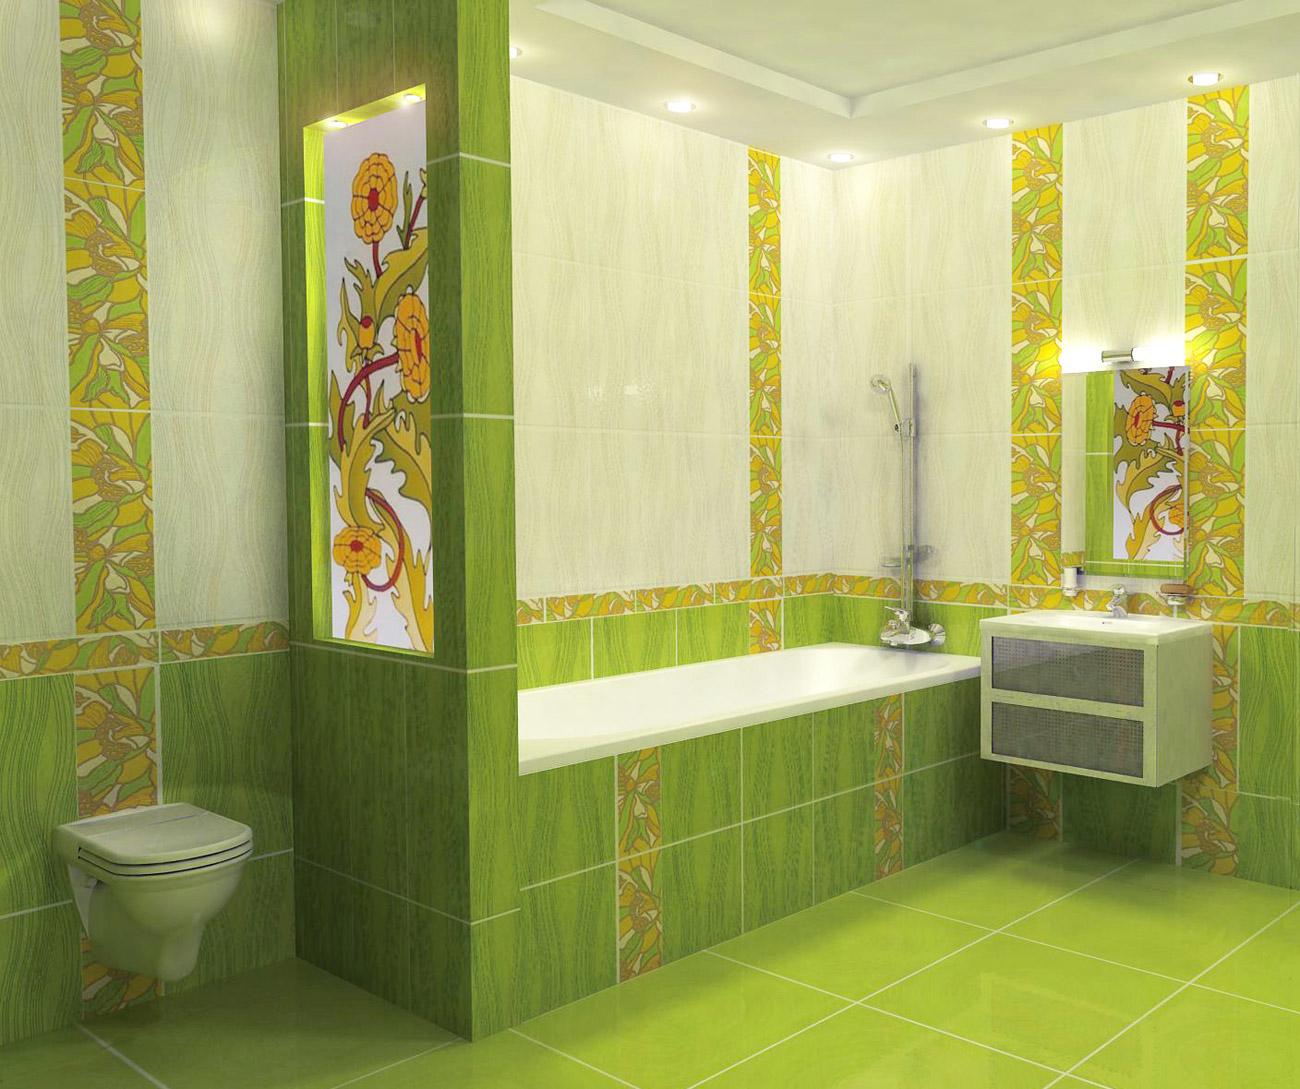 Ванная комната с декором кафельной плиткой в нежных и насыщенных зеленых цветах